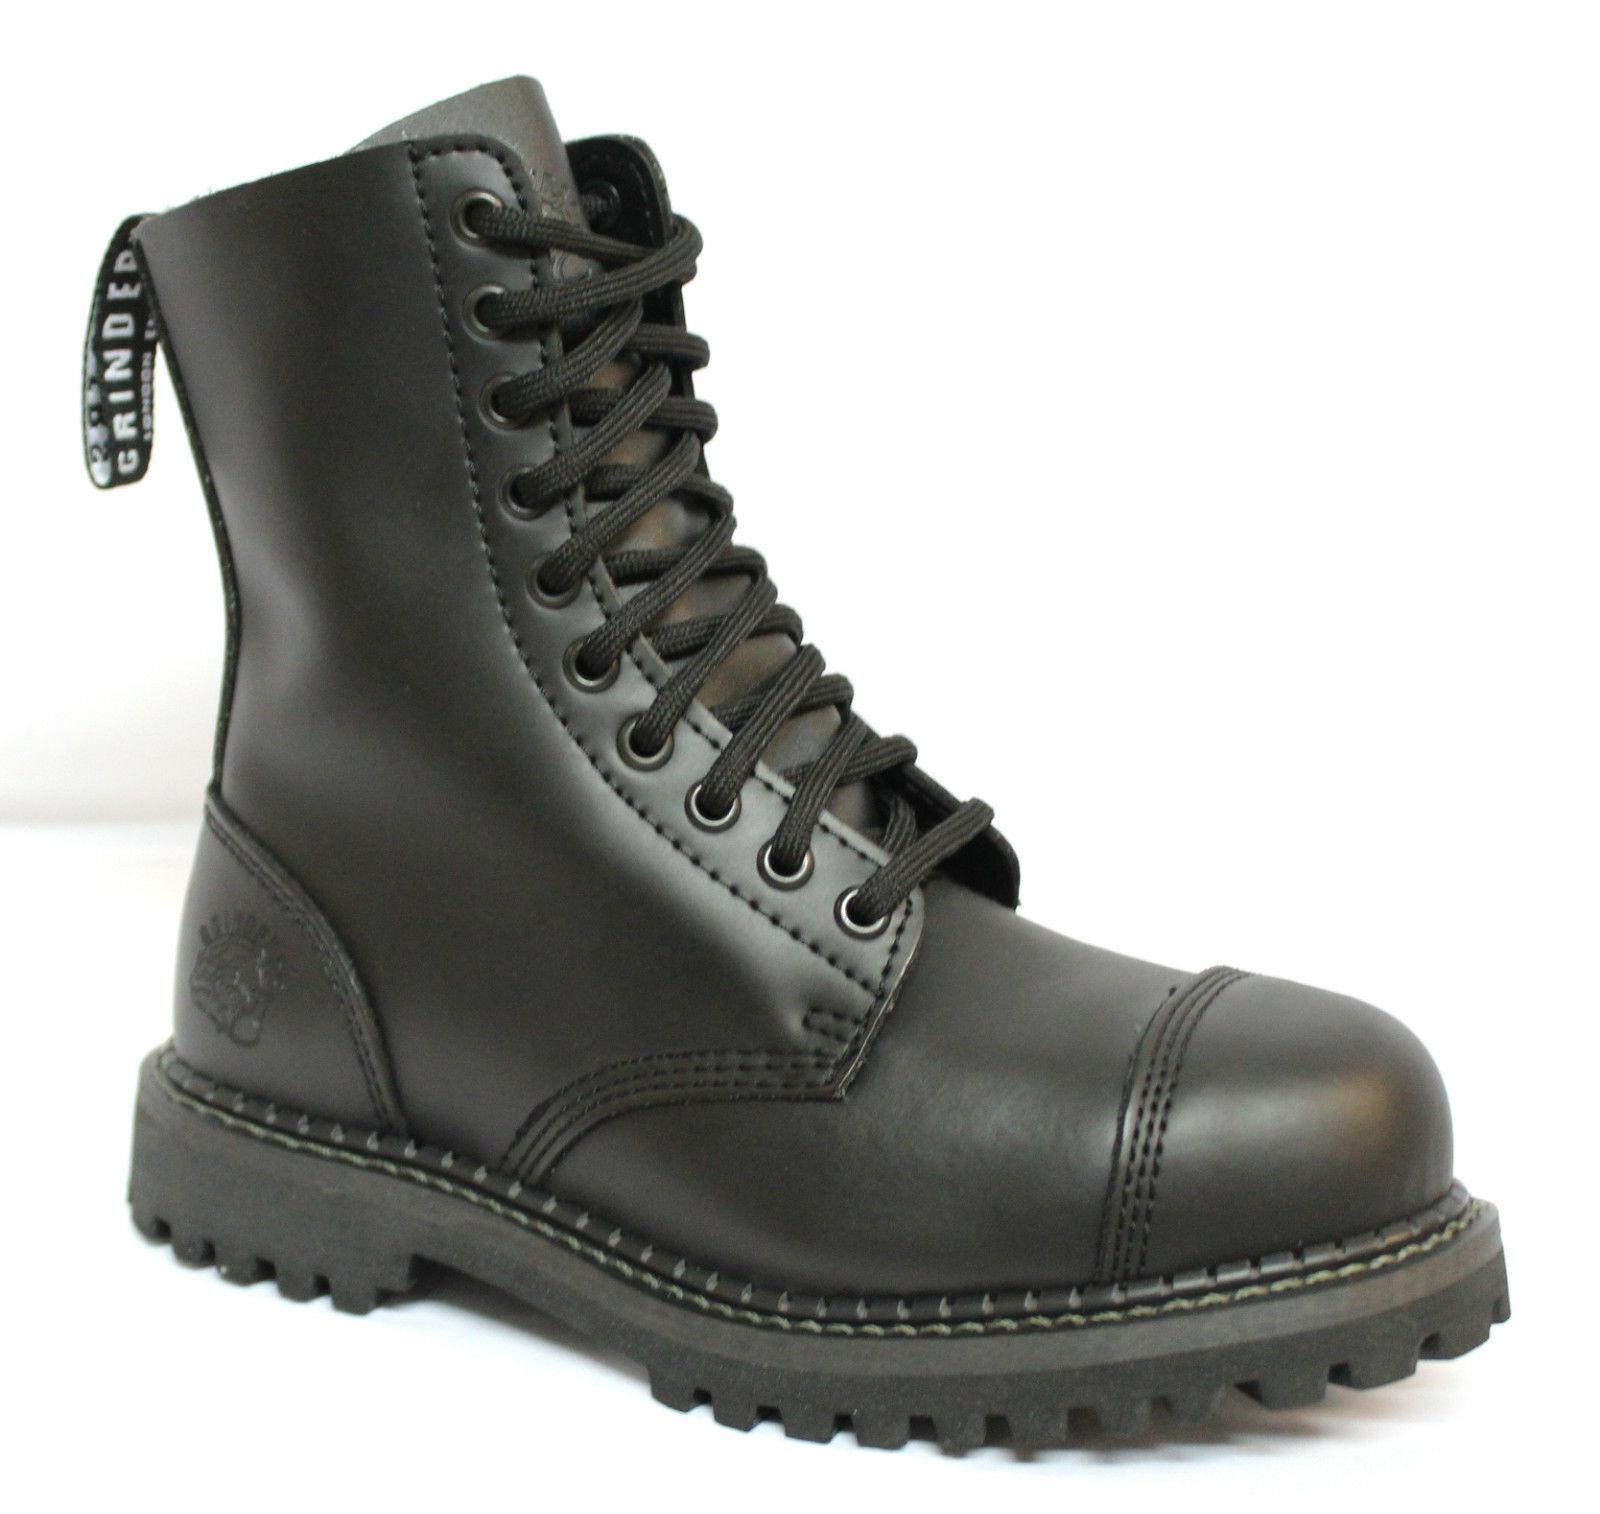 Grinders Hunter Stag CS Unisex Negro Laceup Cuero Botas Cuero Laceup Combate Goth uniforme dc592b